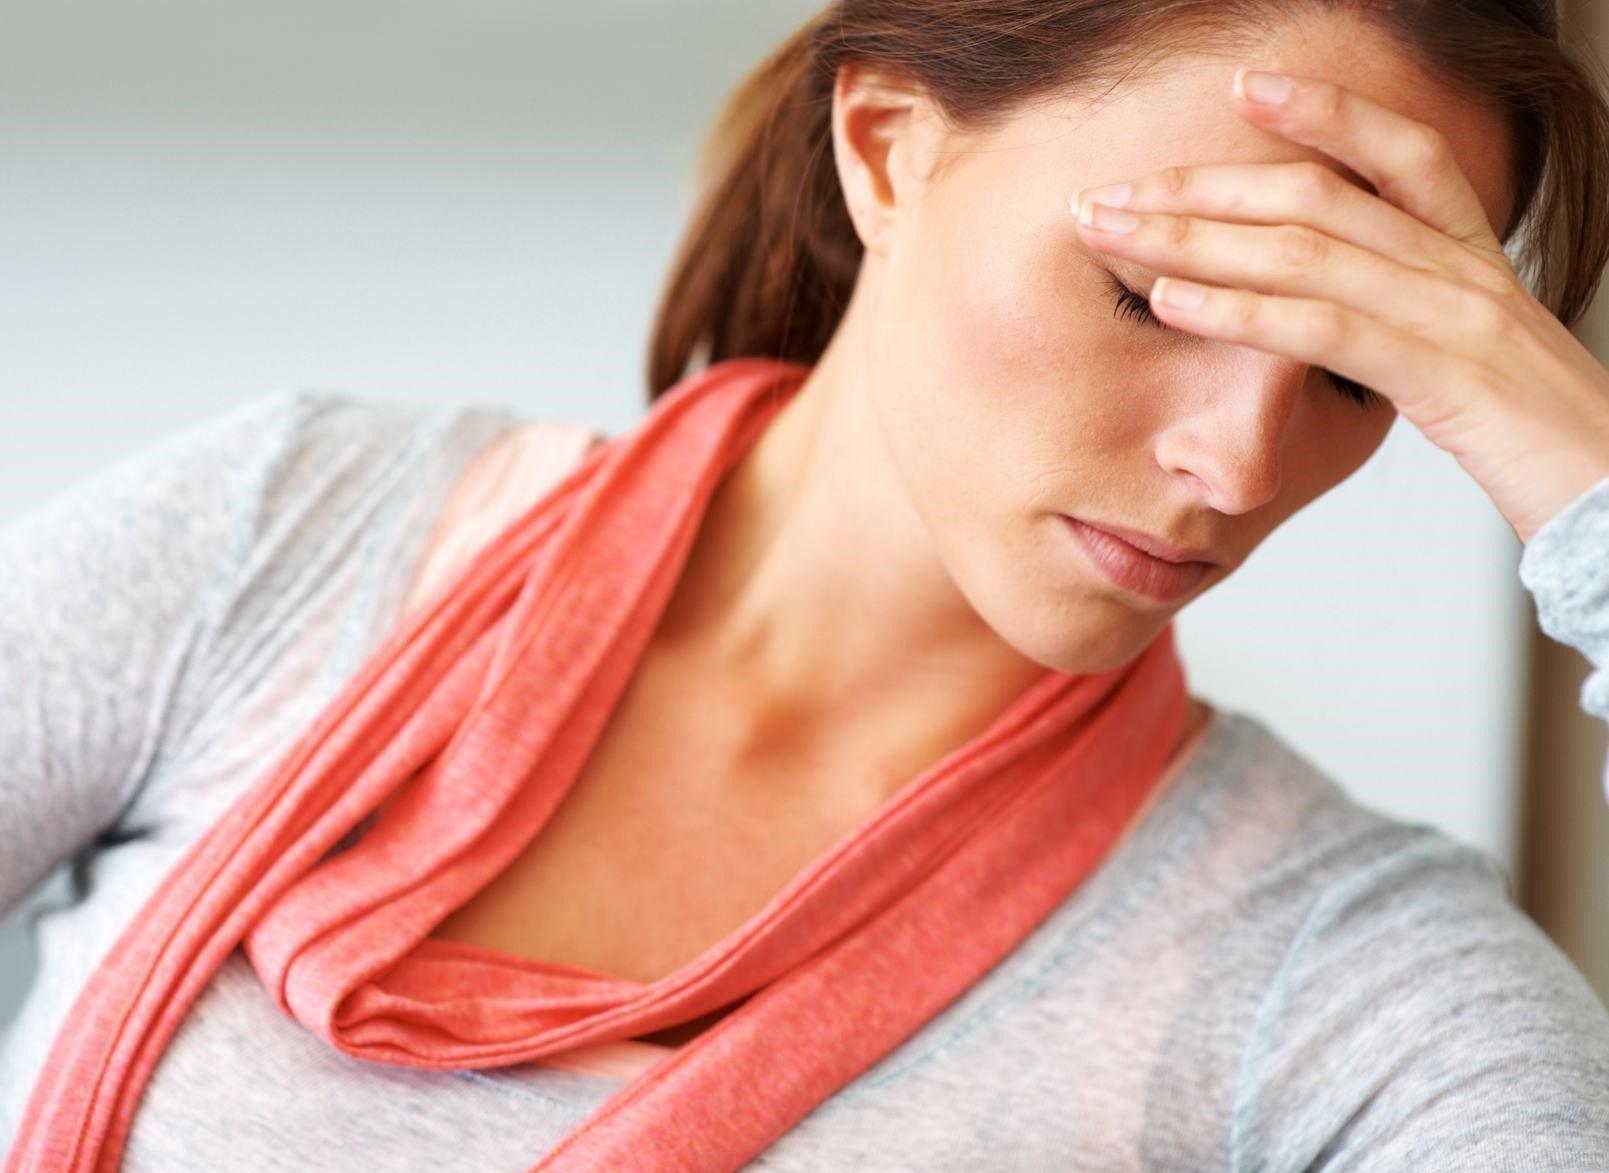 Зуд в заднем проходе у женщин причины и лечение фото